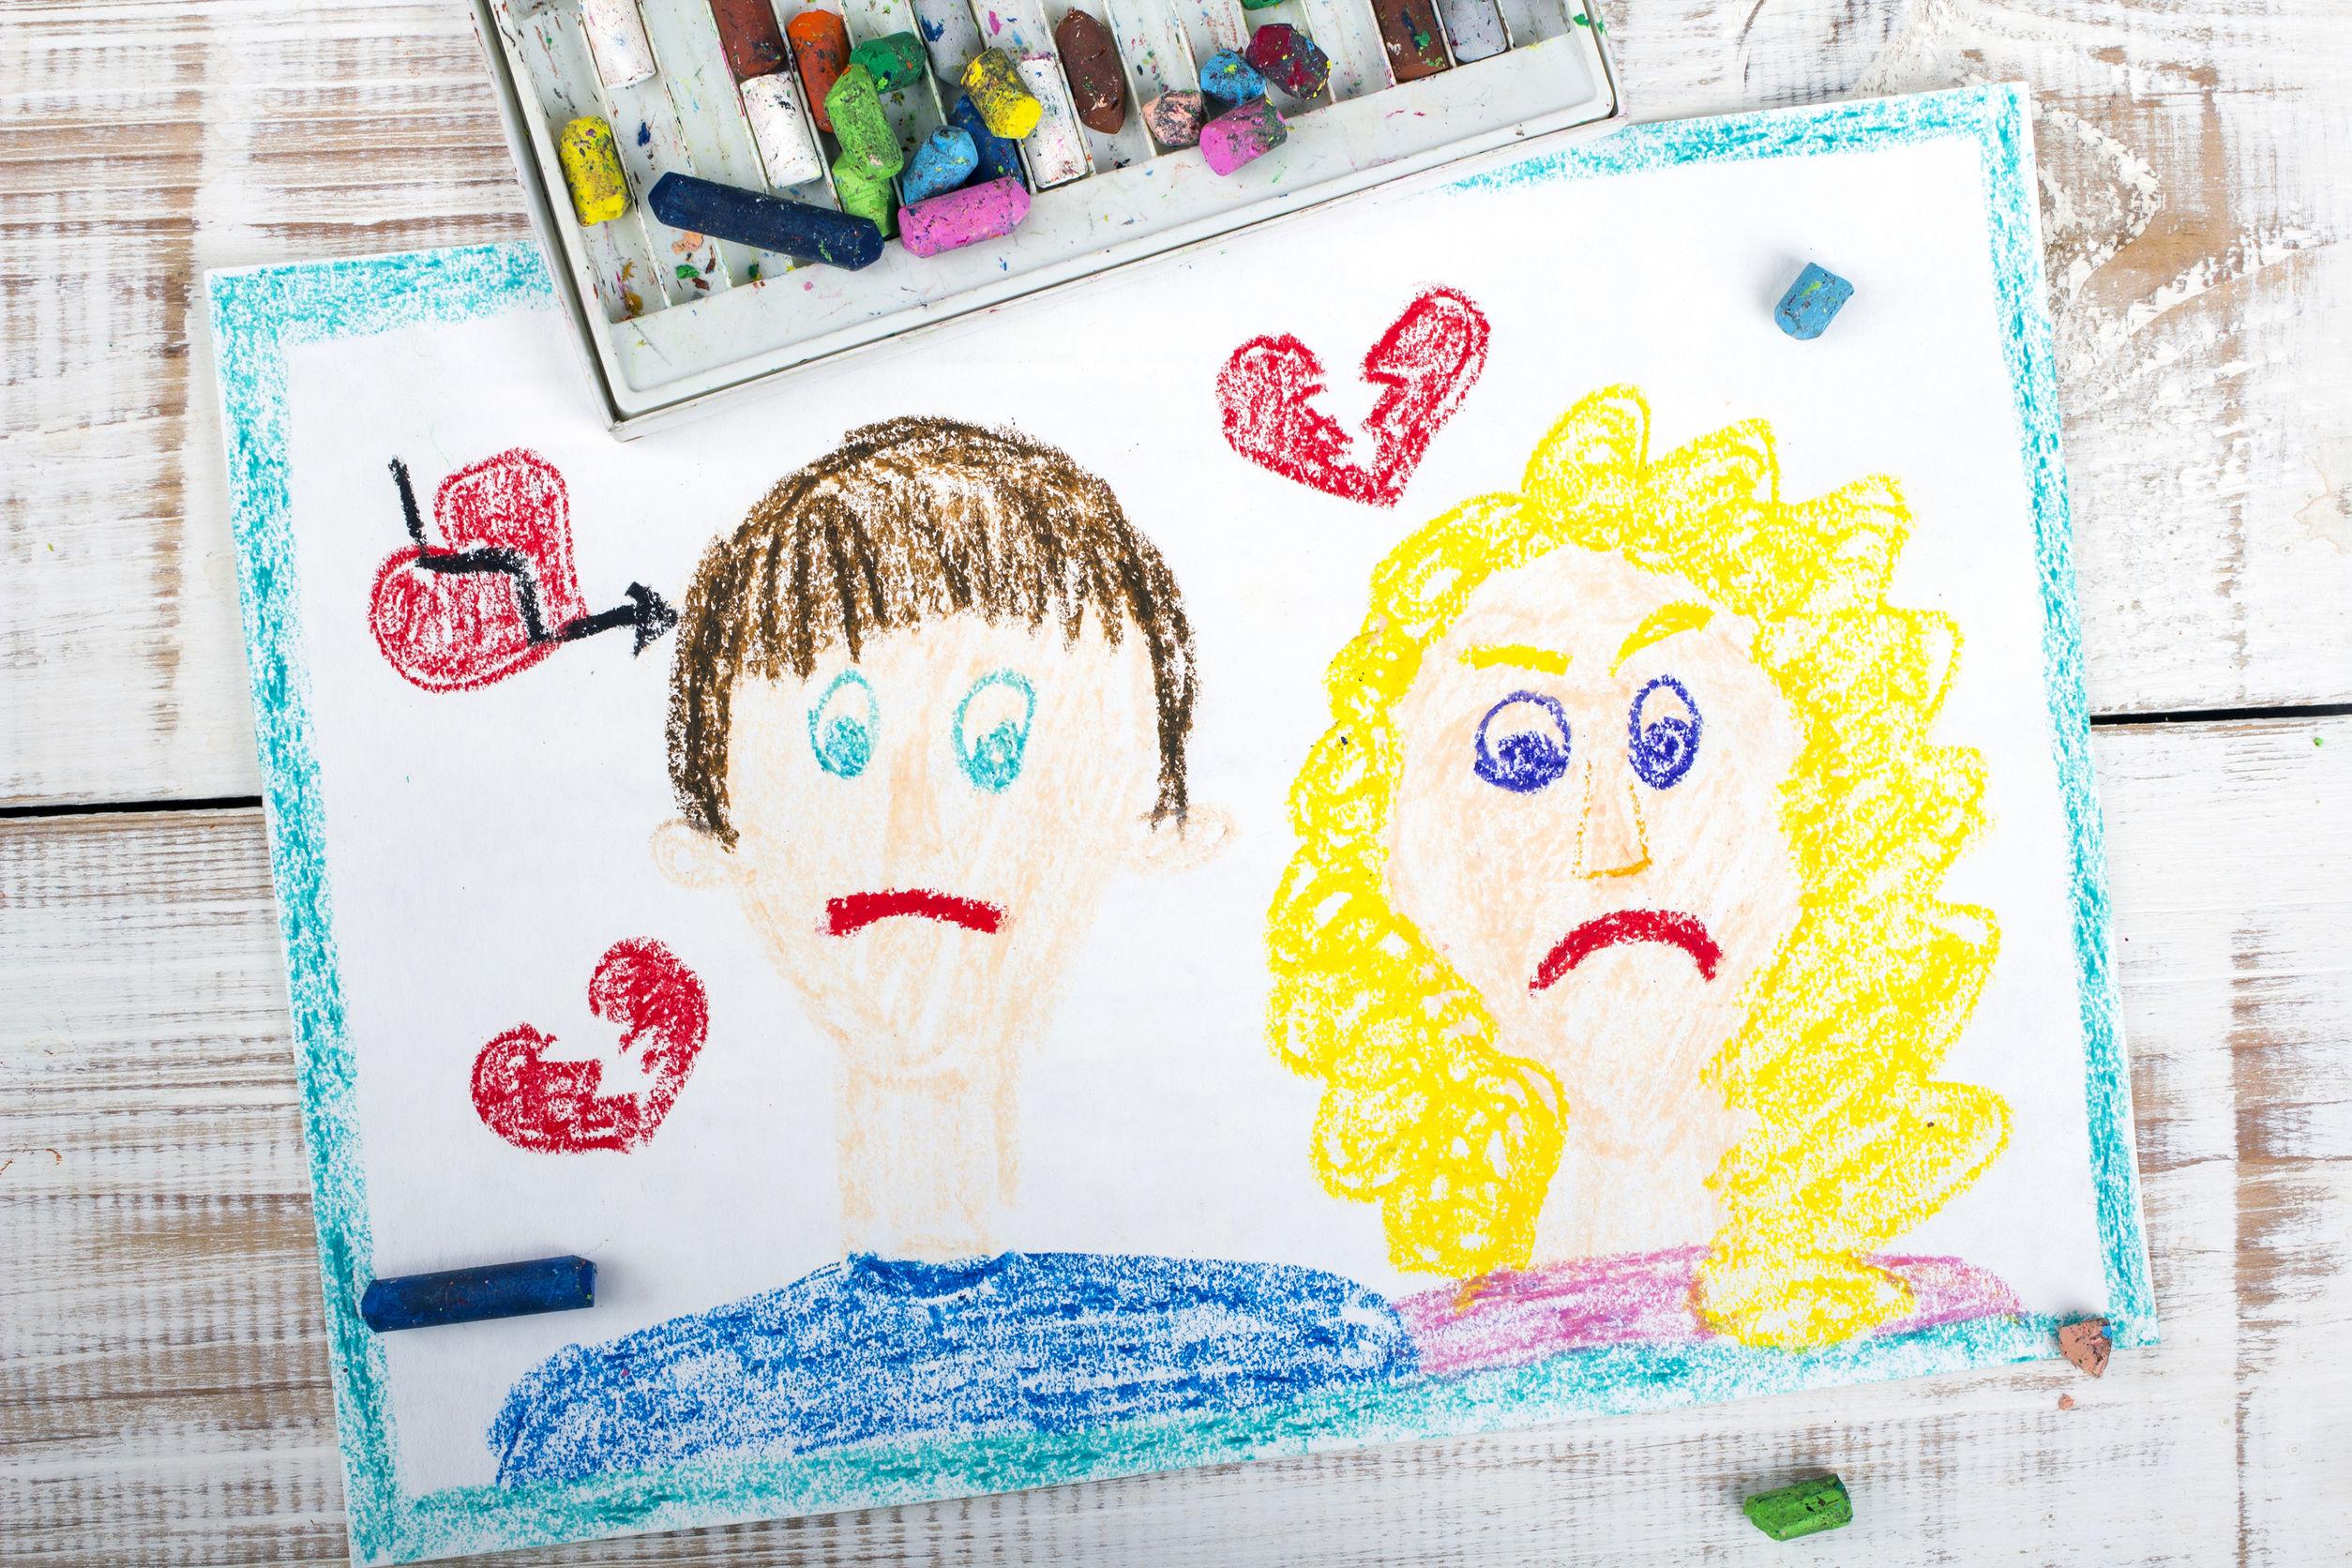 Kindertekening van twee verdrietige ouders